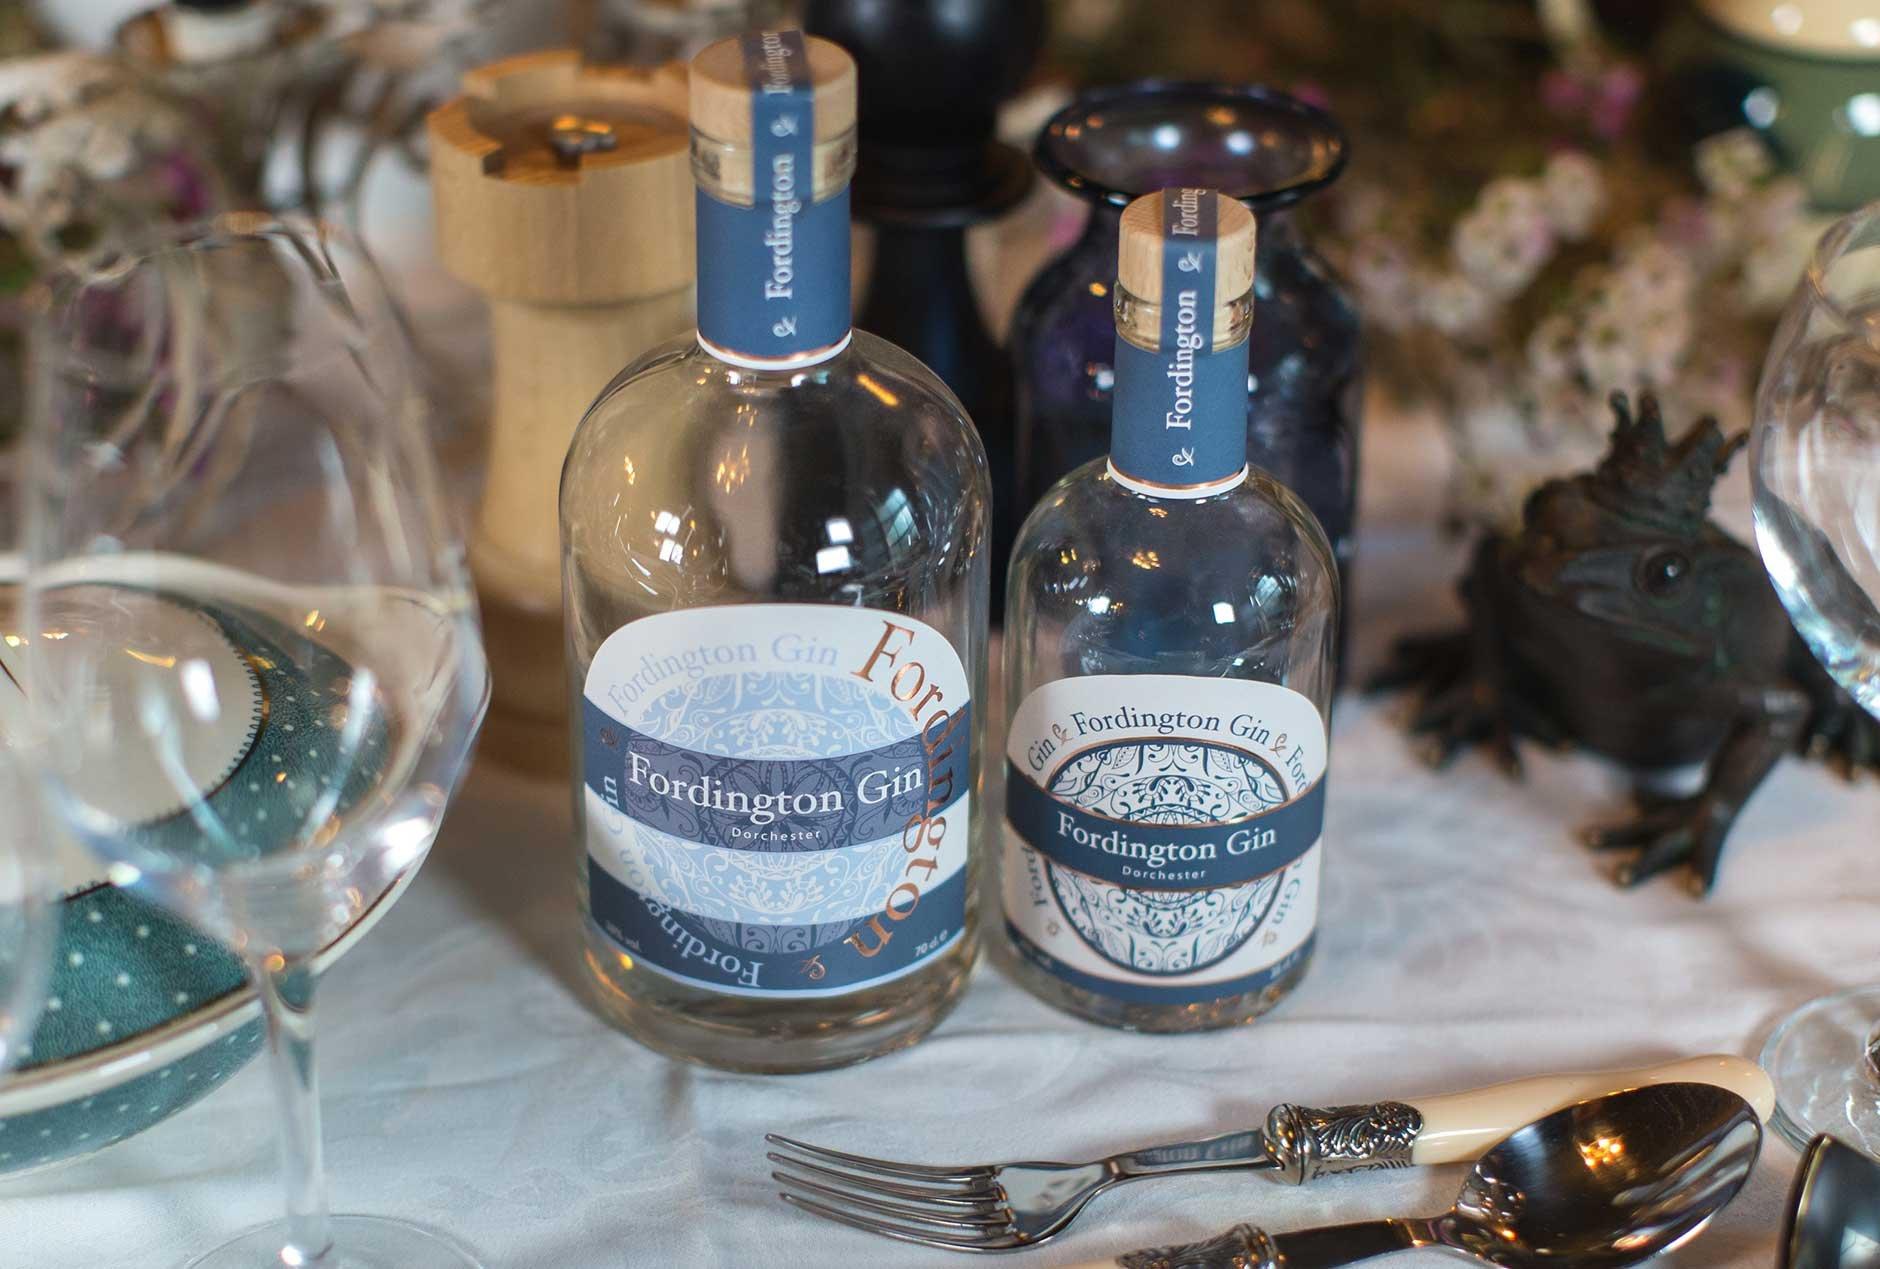 fordington-gin-dining-table